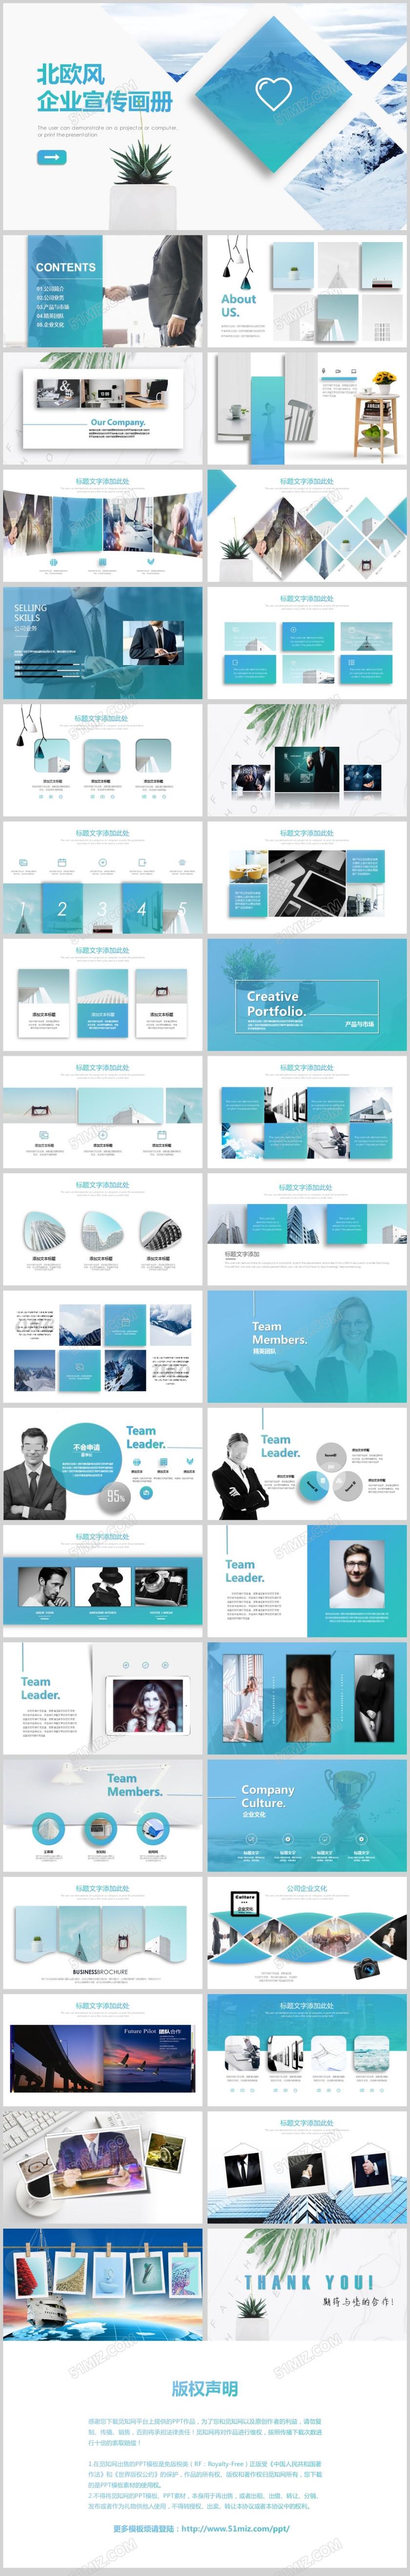 公司企业宣传画册PPT产品图片展示公司介绍相册ppt